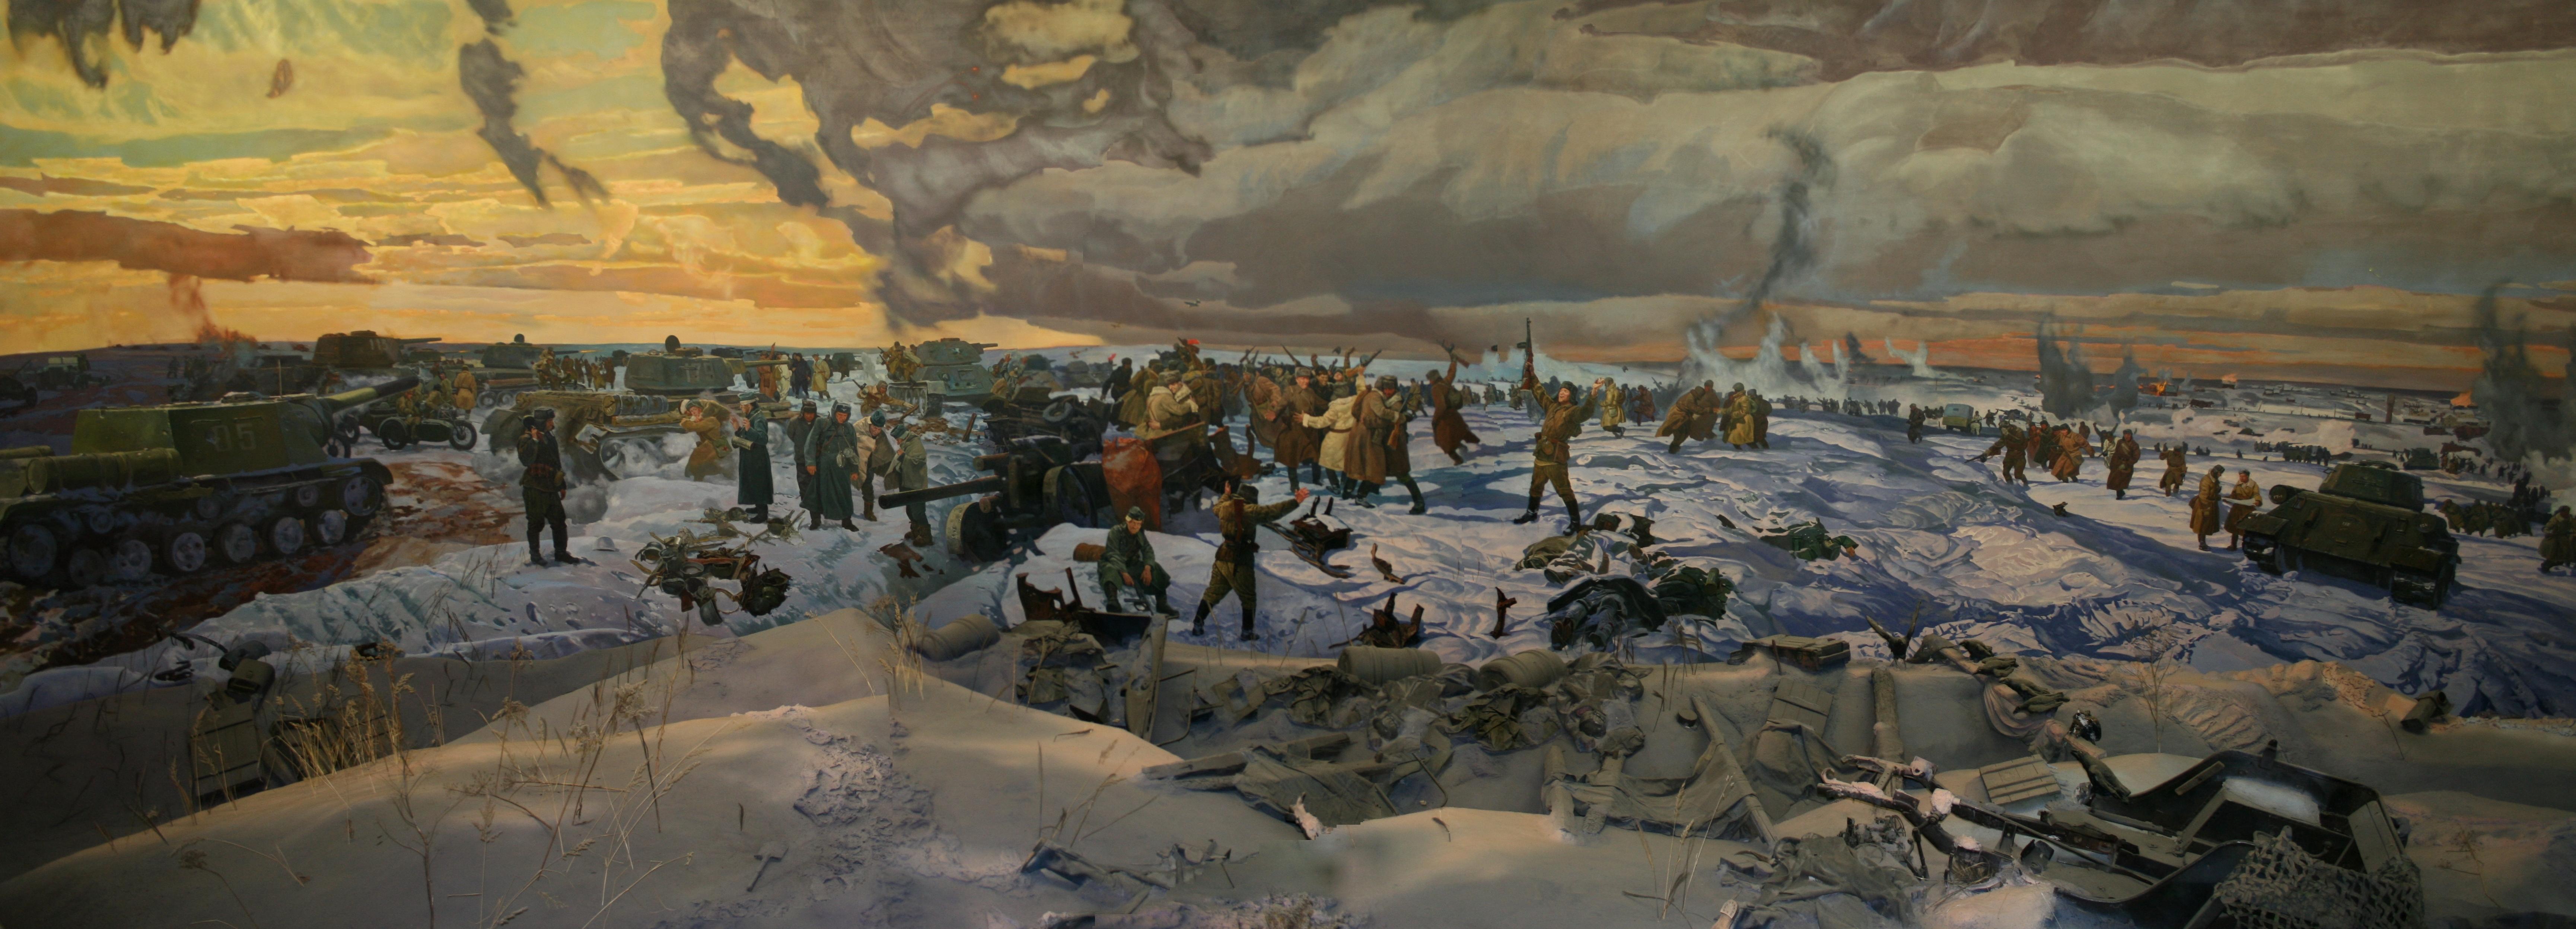 Credit: Volgograd State Panoramic Museum Stalingrad Battle